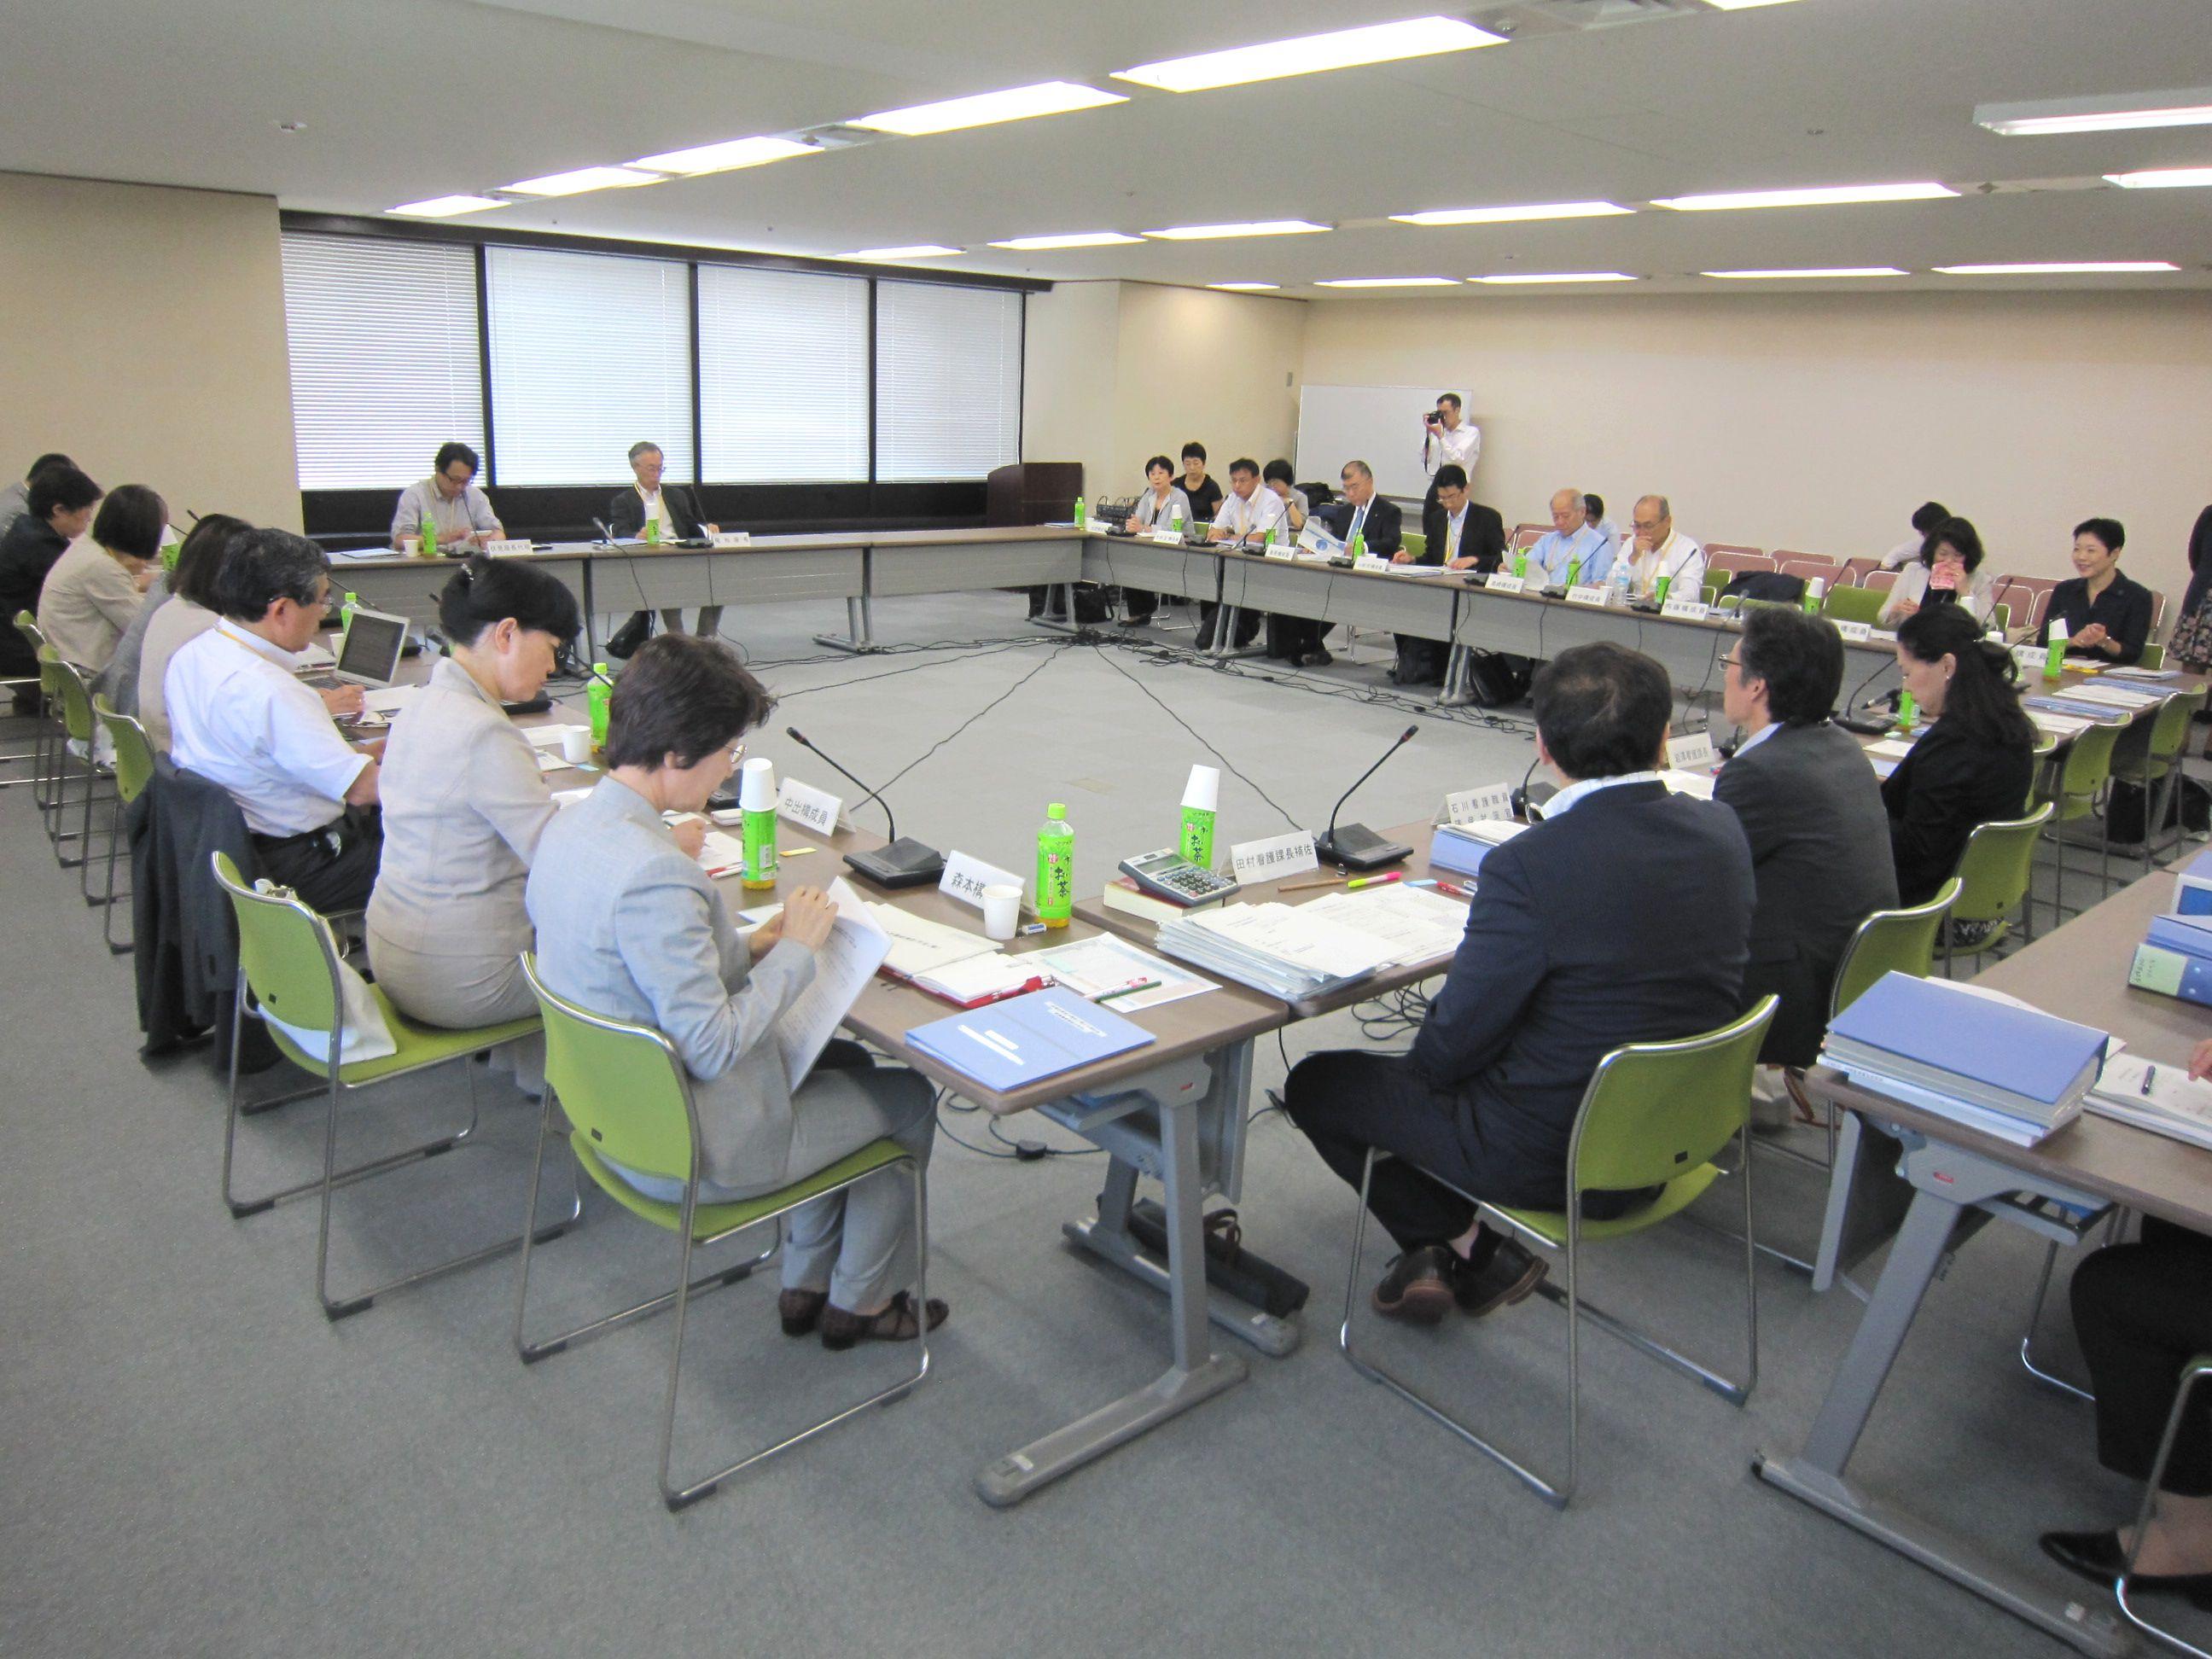 6月10日に開催された、「第2回 医療従事者の需給に関する検討会 看護職員需給分科会」